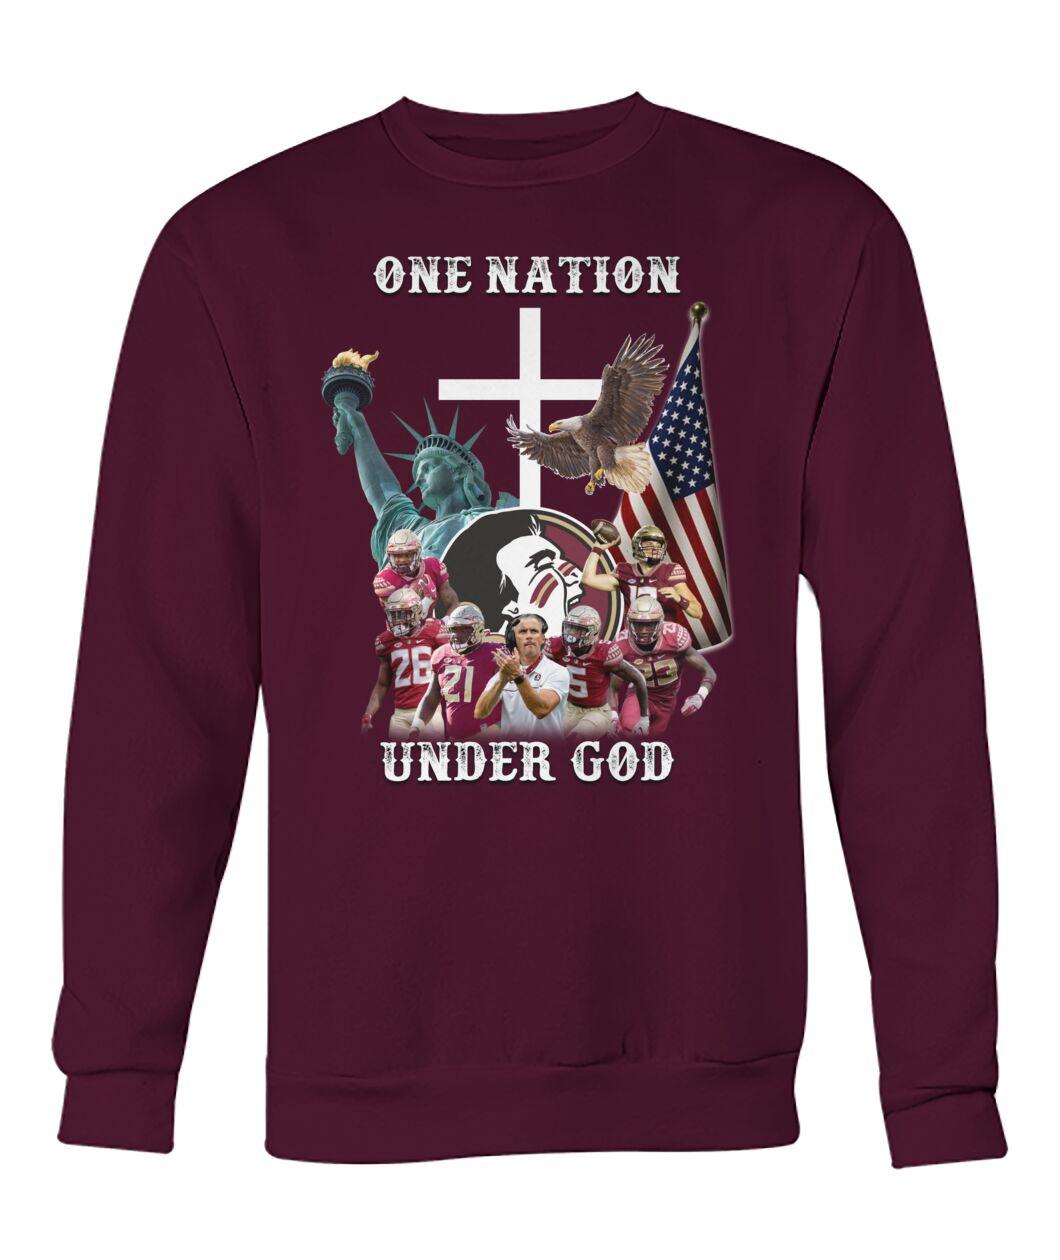 Washington Redskins One nation under god shirt 14